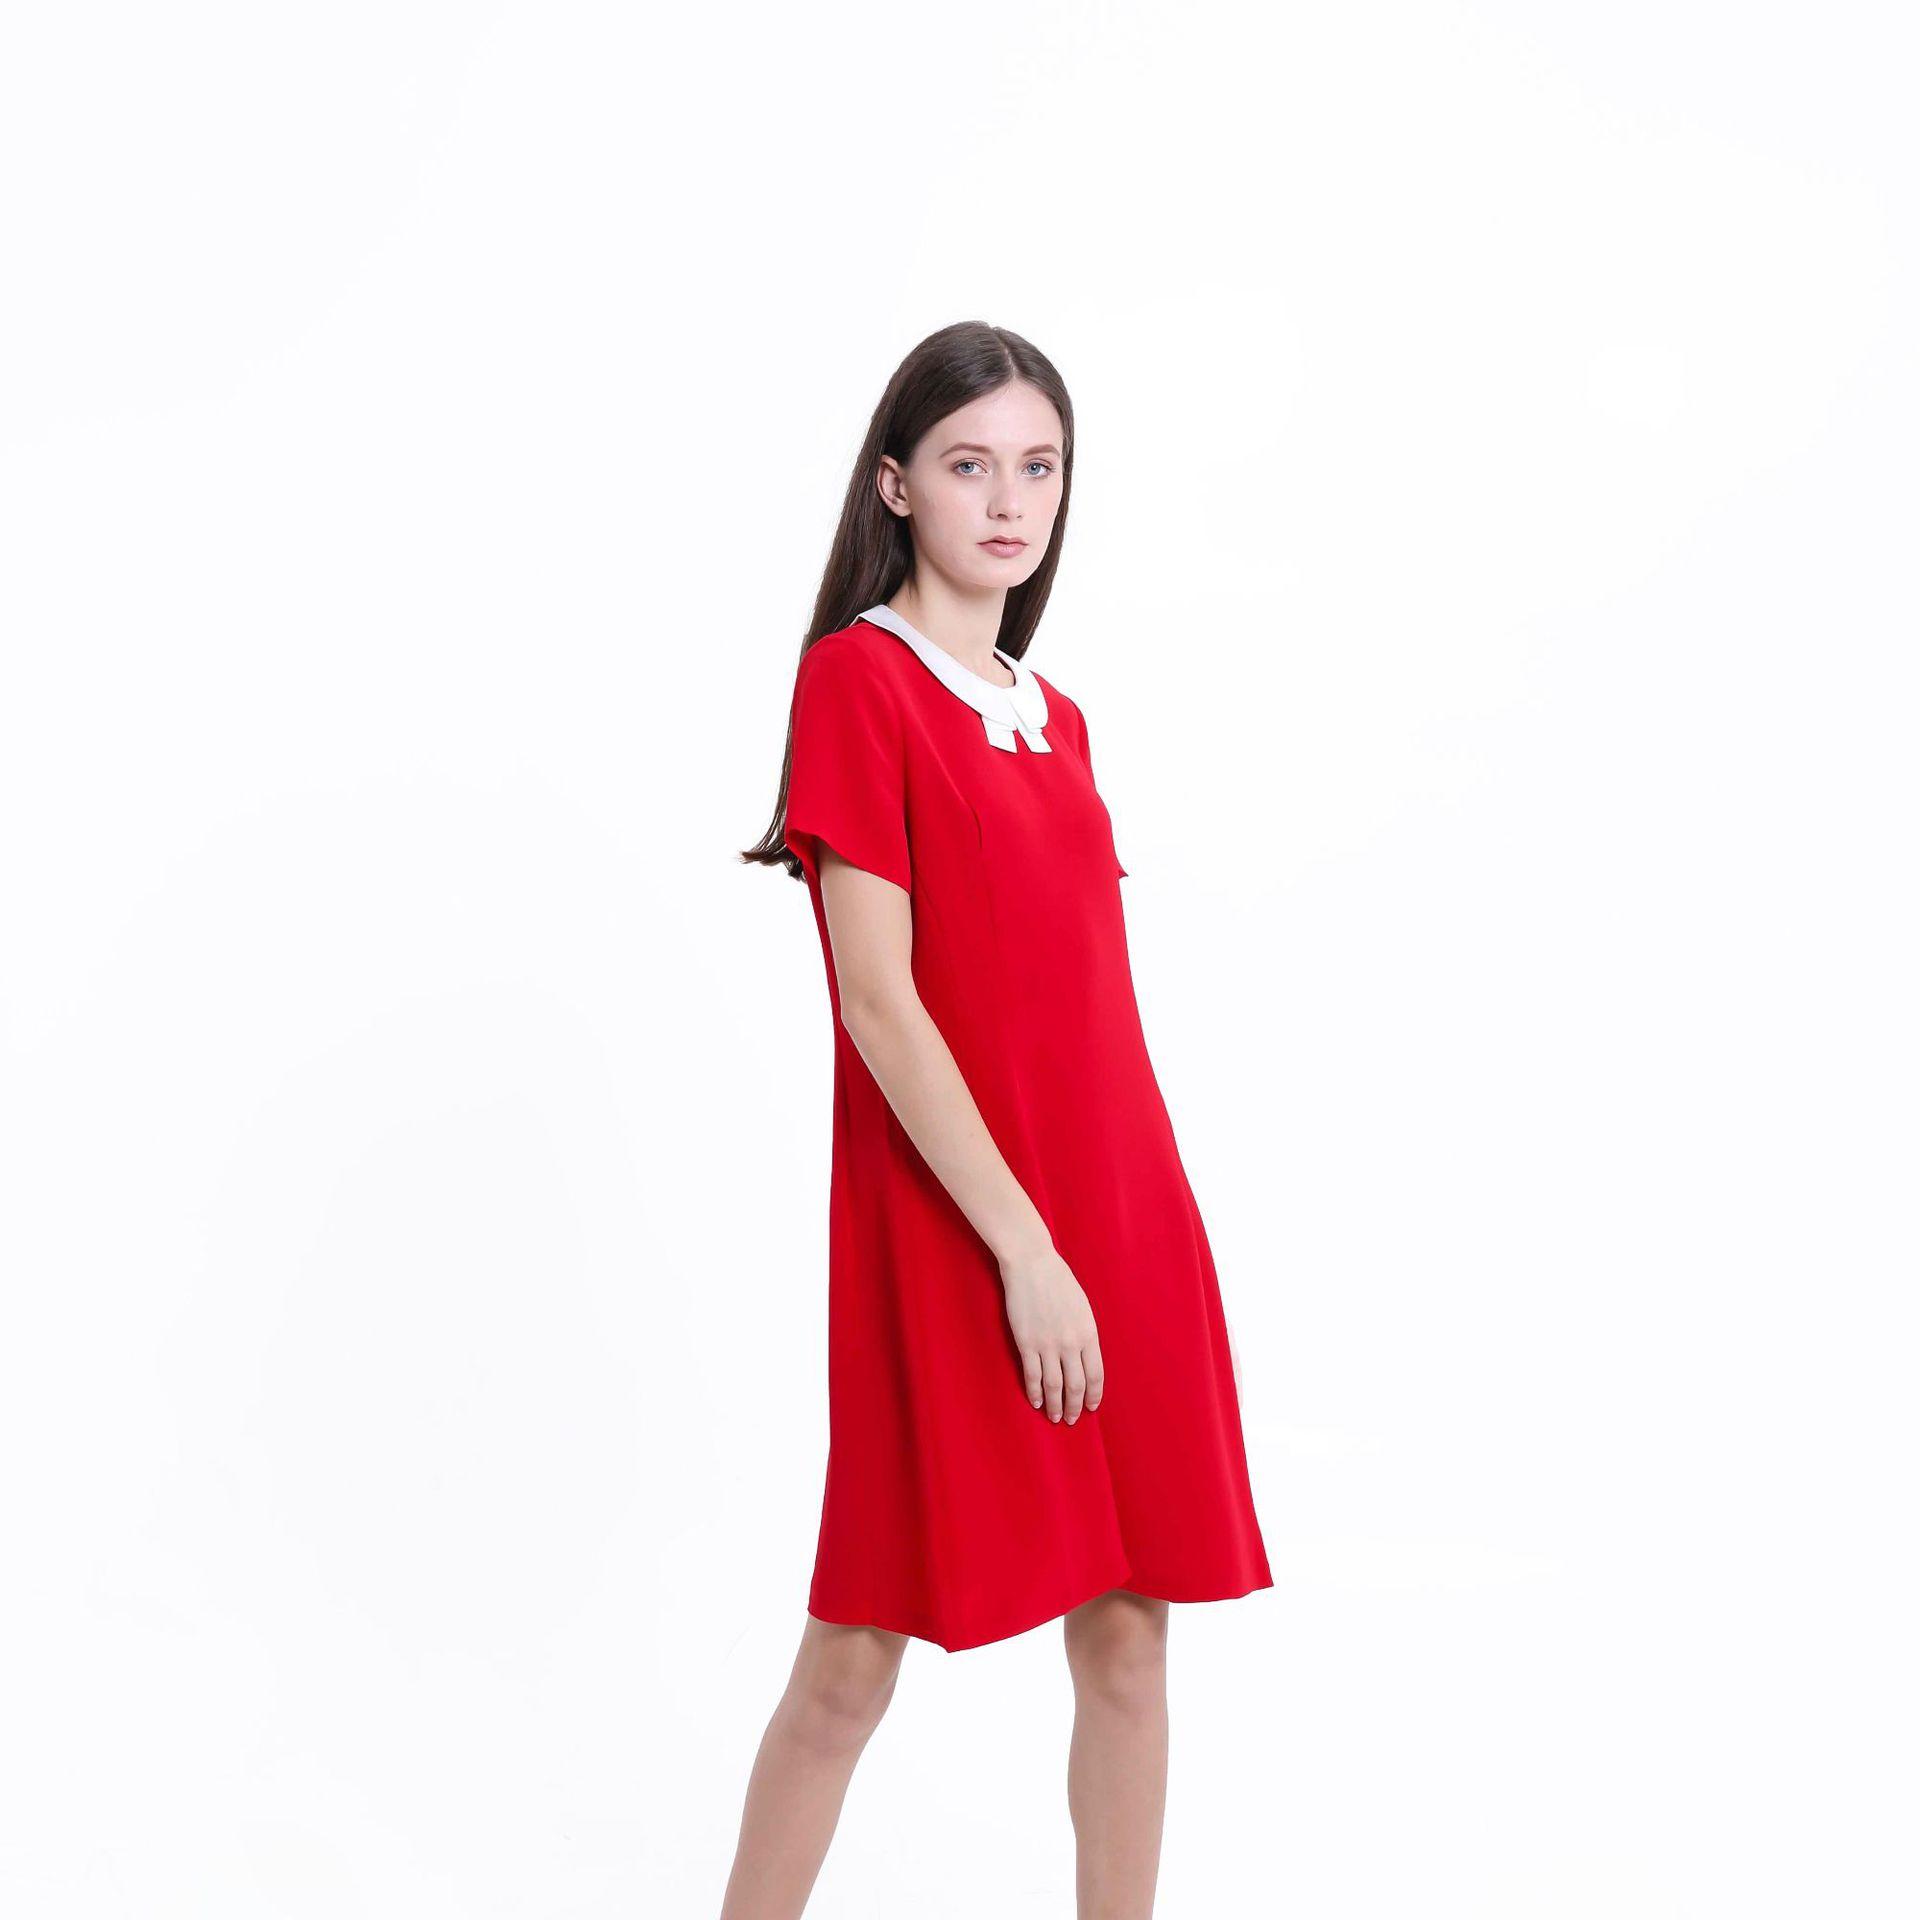 Váy Mùa hè mới búp bê cổ áo váy búp bê phong cách đại học là mỏng và mỏng giảm béo giữa váy dài